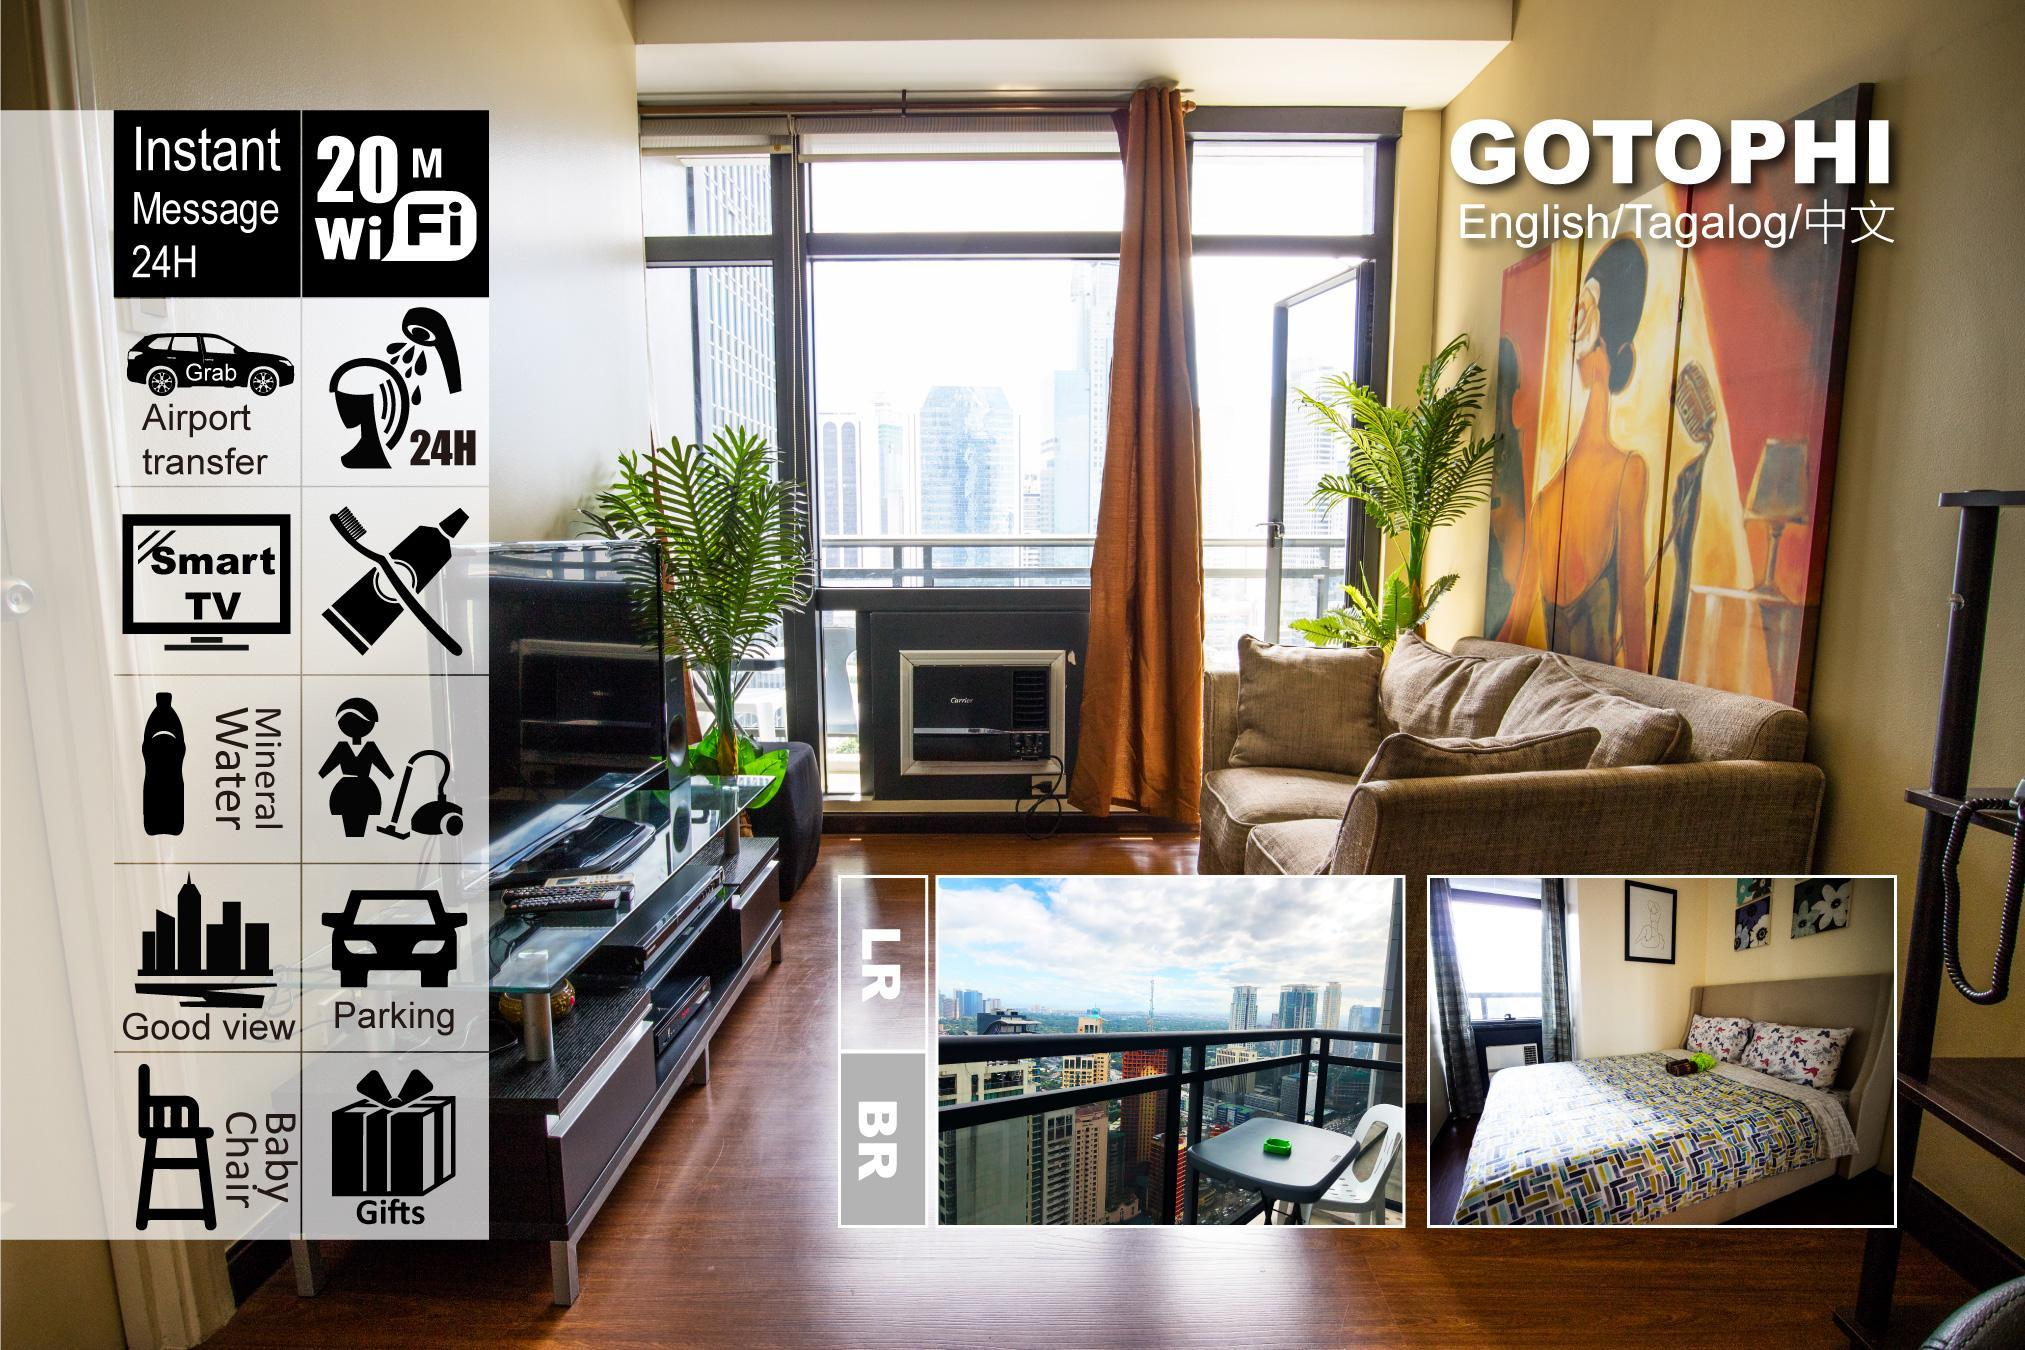 Gotophi 5Star Hotel 1BR Gramercy Makati 1704